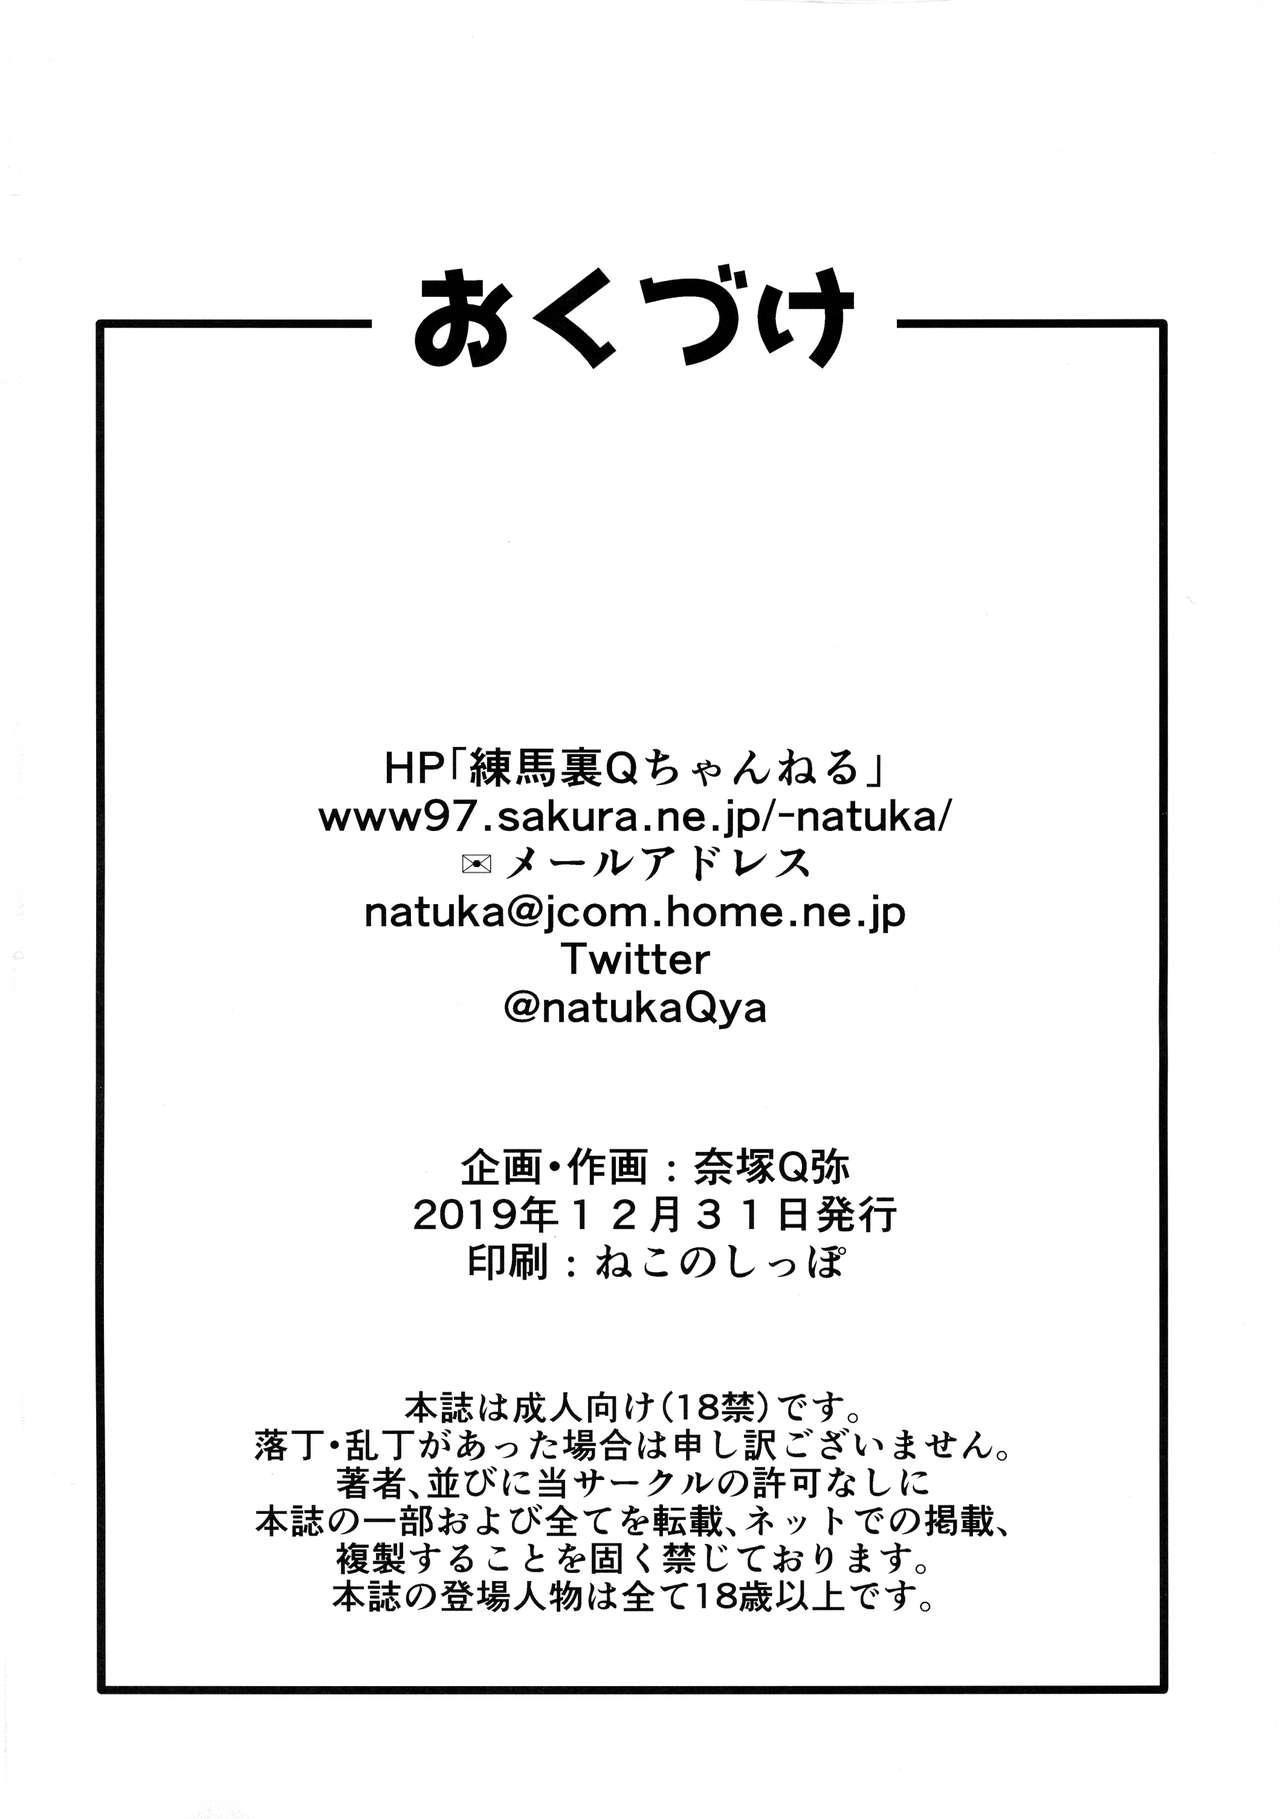 Kono Iyarashii Tenshu ni 17